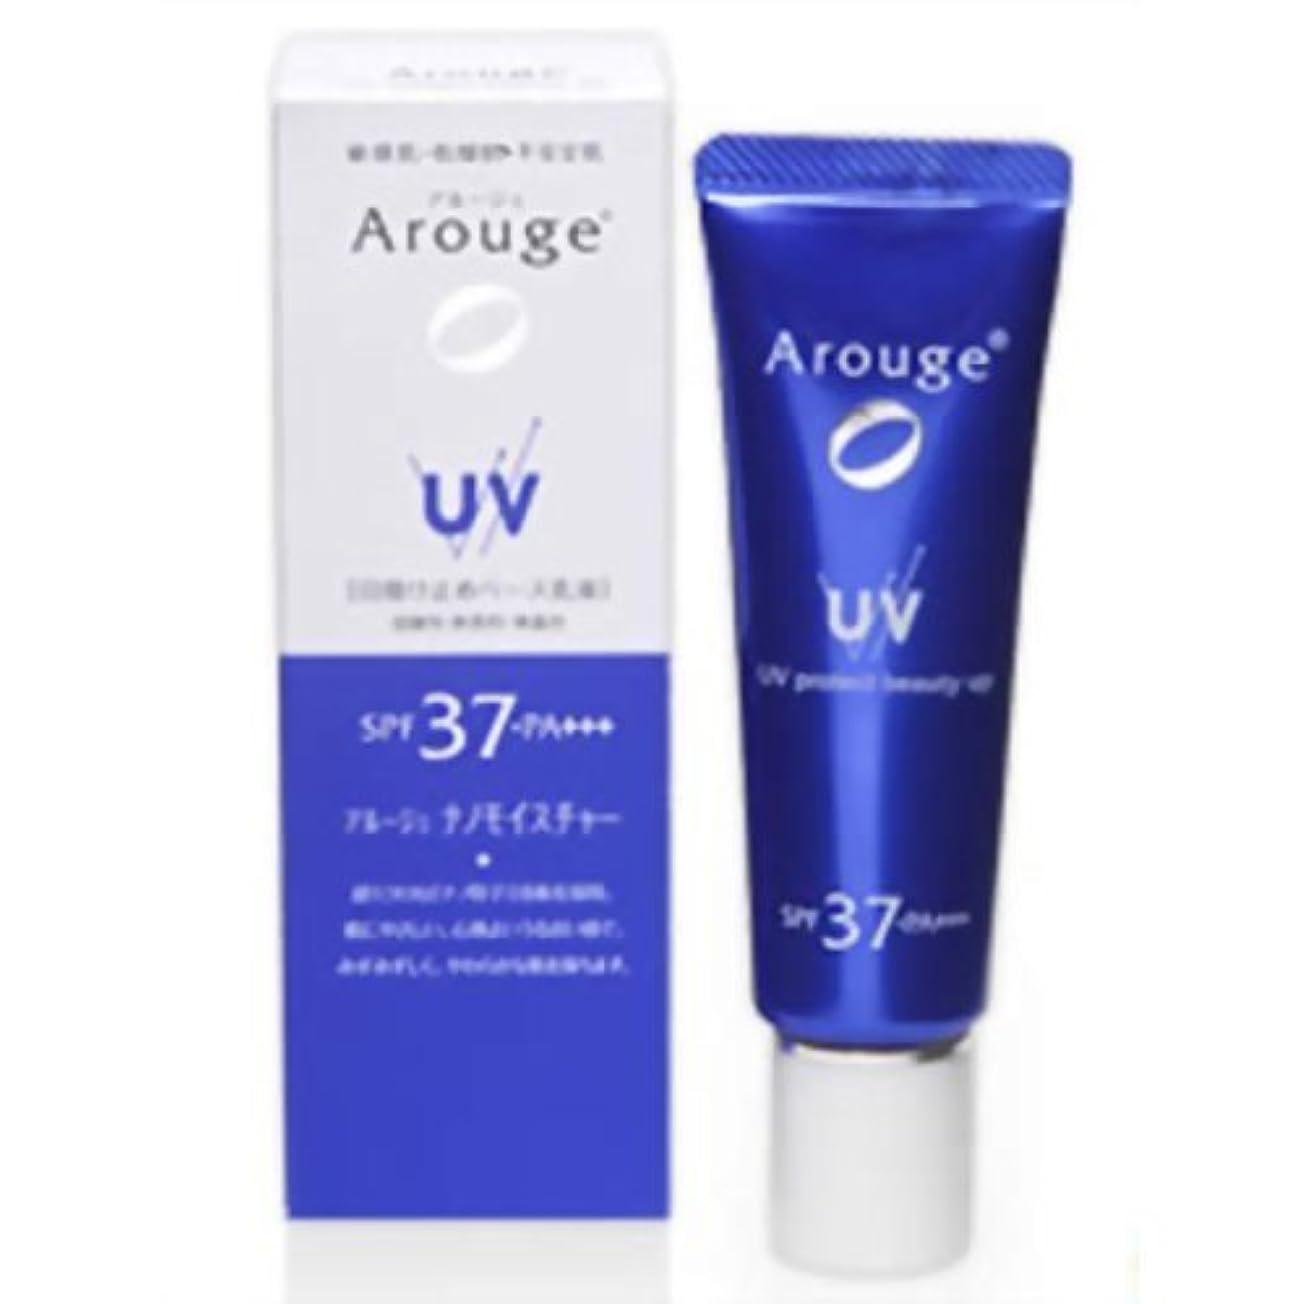 にぎやか無知面白いアルージェ UVプロテクトビューティーアップ 25g